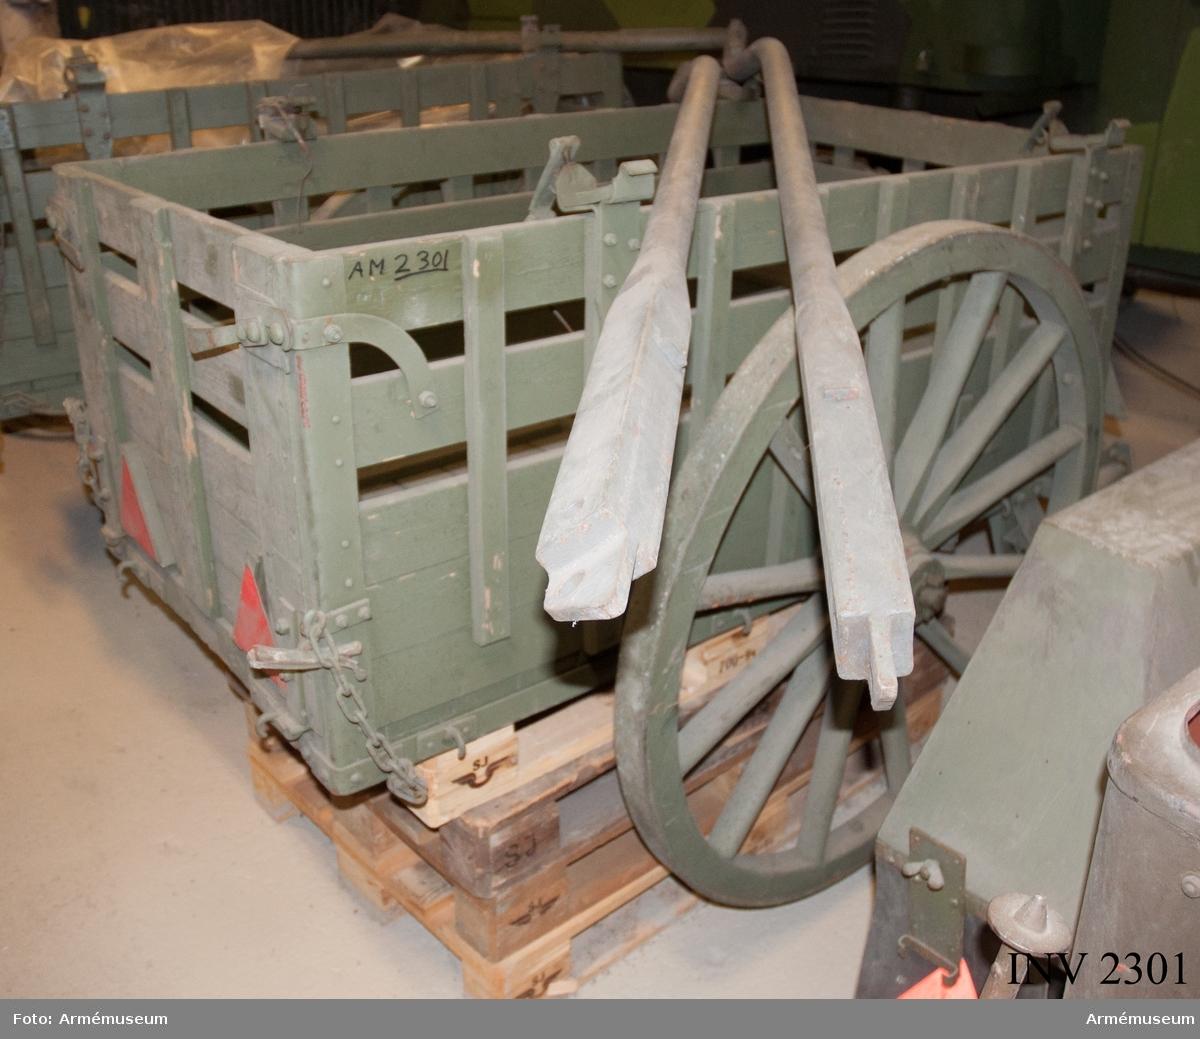 Målad i grå färg. Består av:  1 trosskärra m/1941,  1 par rörskalmar,  10 bindremmar,  3 draglinor till tampsele,  1 fårskinn,  1 hammare,  1 hänglås,  1 kärrpresenning,  1 körpiska,  1 luns m förstickel,  1 lunsring,  1 skruvmejsel,  1 märling, tjärad, 4 mm,  1 skiftnyckel,  2 packningsringar,  1 skruvsats i påse,  1 grävspade,  1 ståltråd 500 gr,  1 hovtång,  1 vagnsborste,  1 yxa,  1 pkt ljus,  1 lykta m fodral,  1 bindstreck 12 m,  1 packsäck av jute,  1 ämbar av plåt,  1 ämbar av väv,  1 första förband,  1 snöskyffel, 1 par hjulmedar.